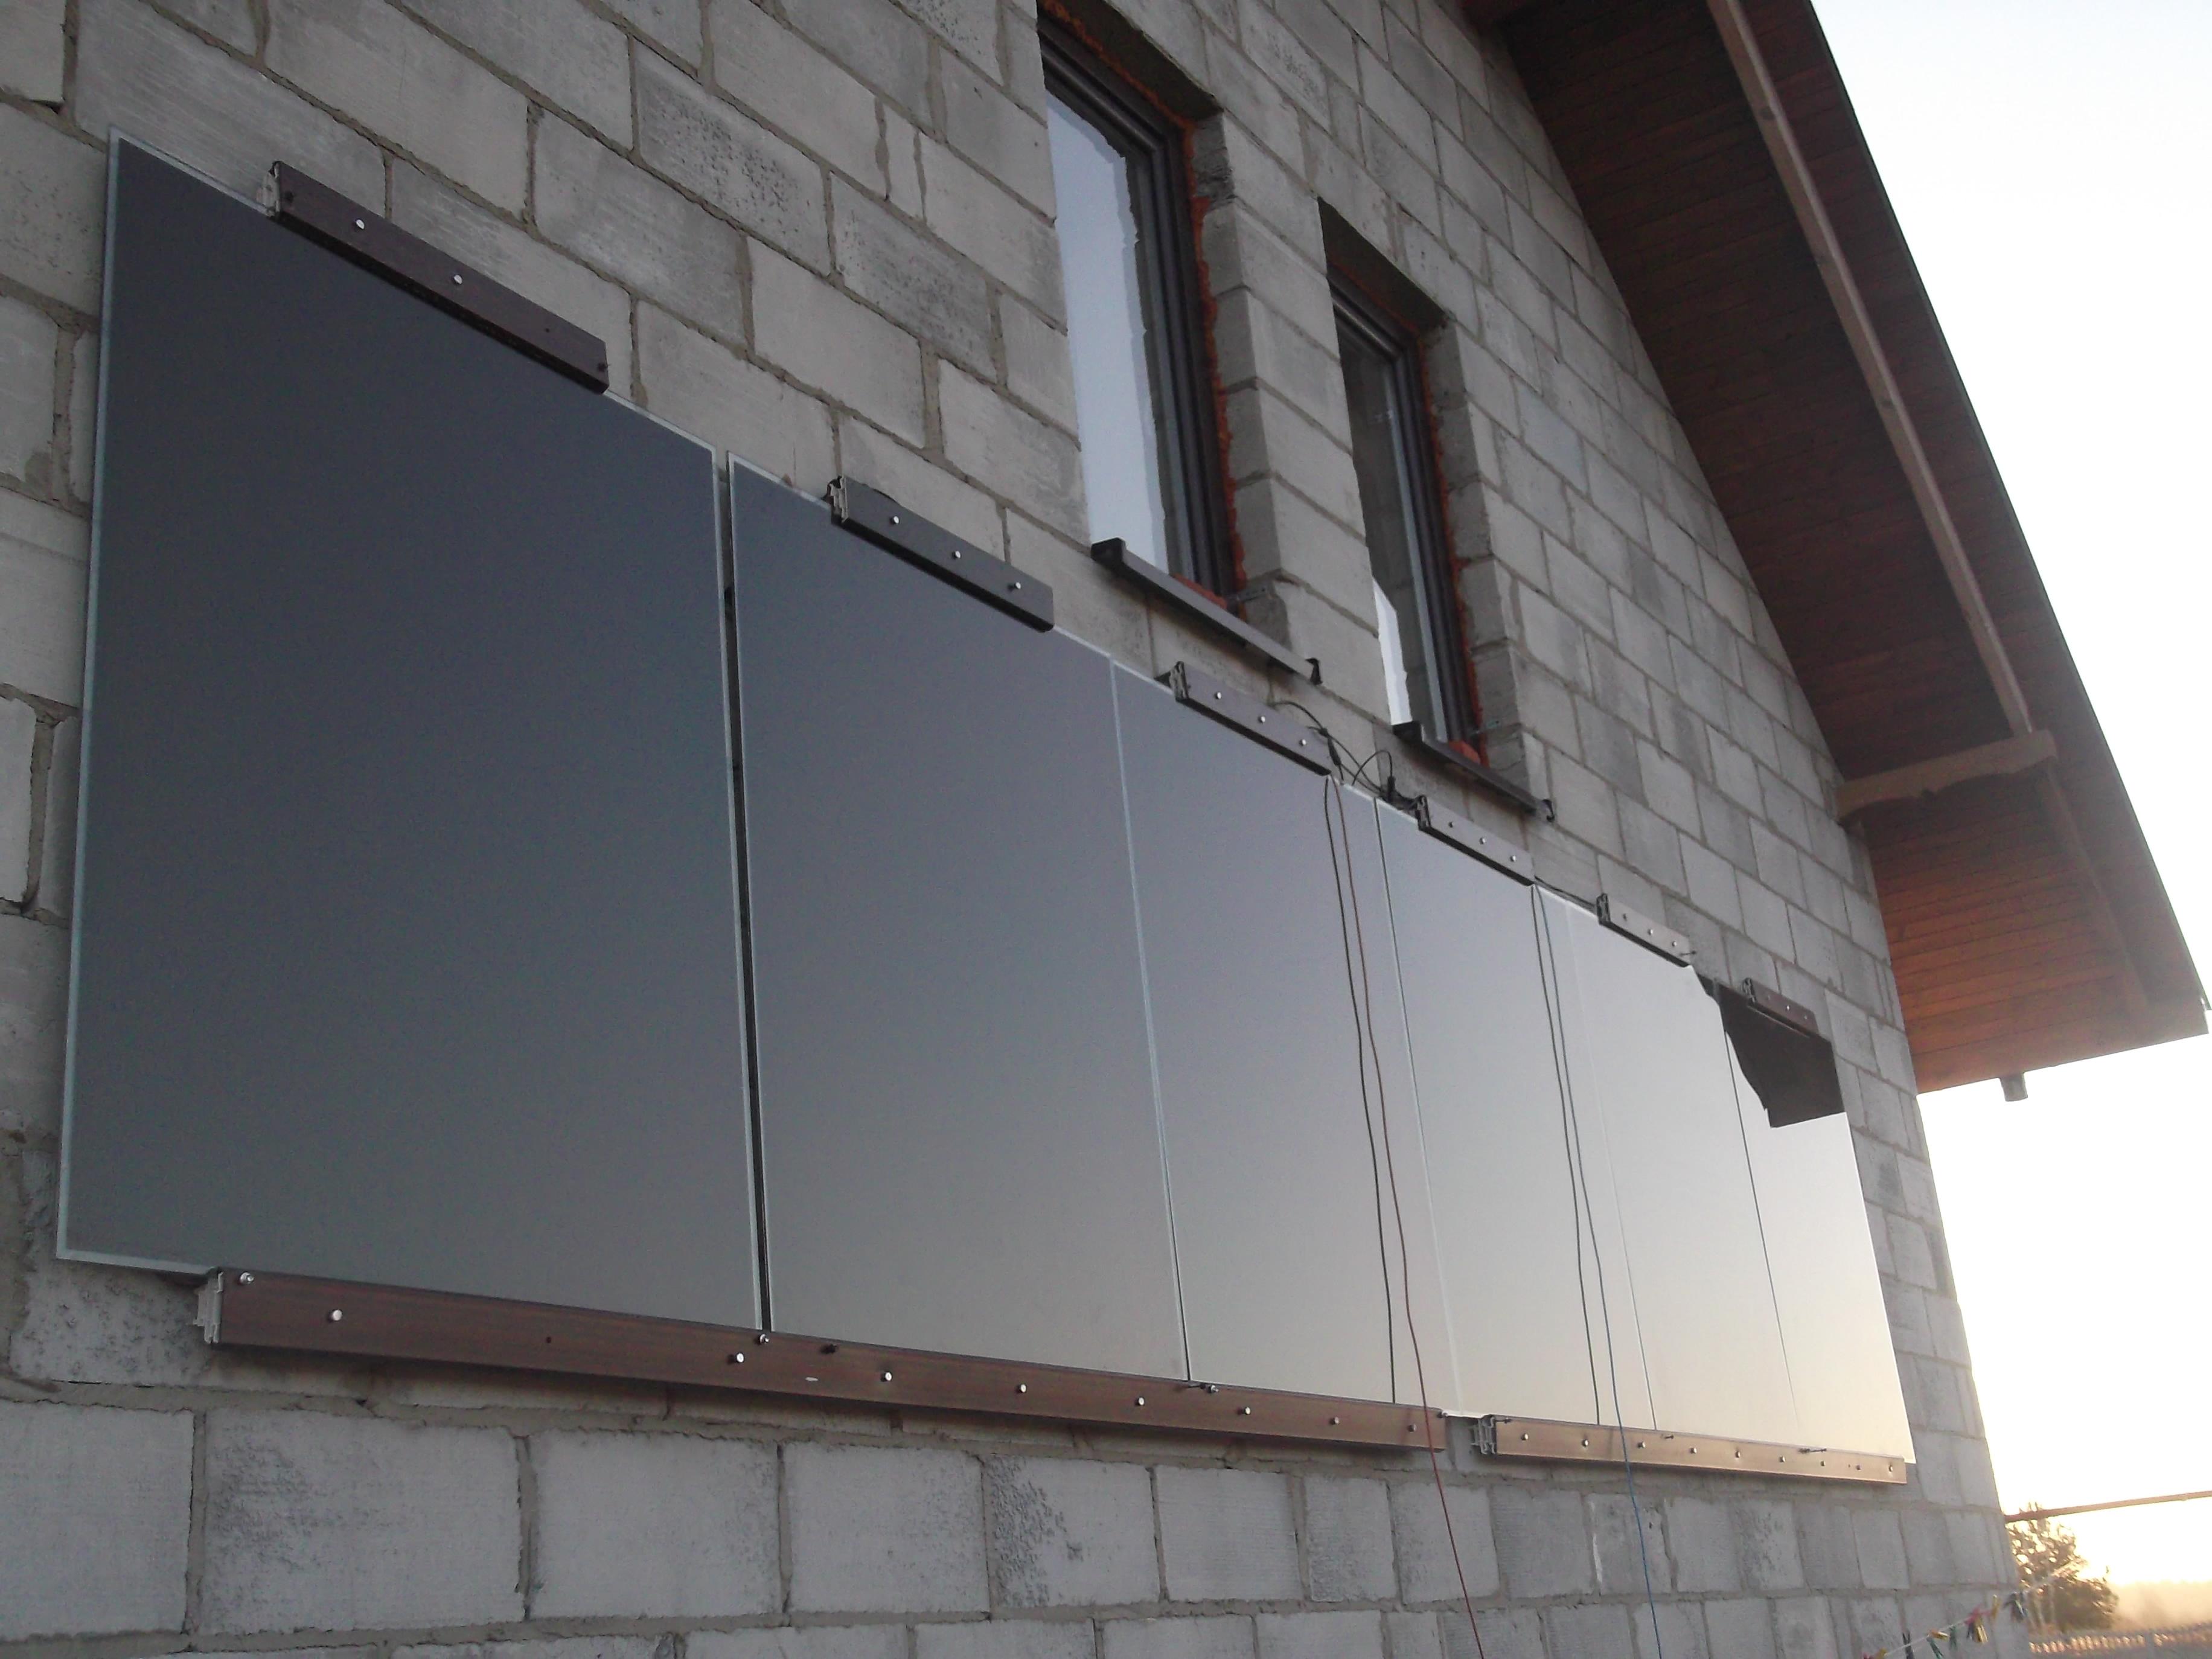 W Ultra Re: Panele 4,5 kW (3 + 1,5) + grzanie CWU + ładowanie aku = cała XS94